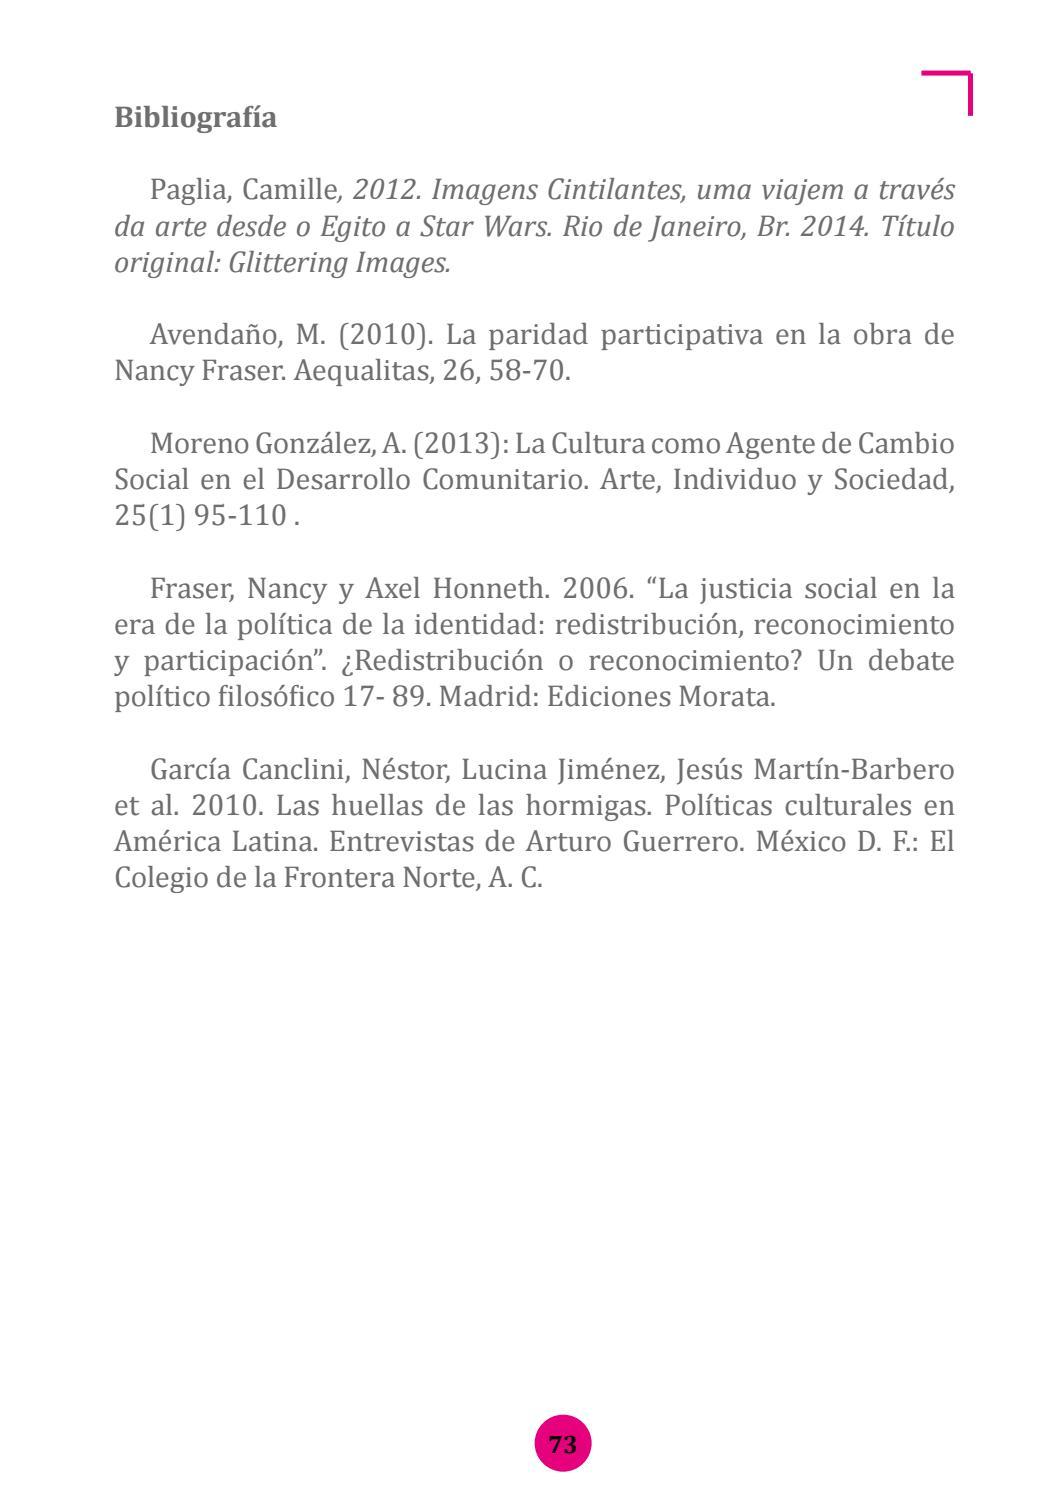 Hablemos Reflexiones Y Ponencias Quito Ecuador 2018 Conferencia By Paz Ponce Pérez Bustamante Issuu